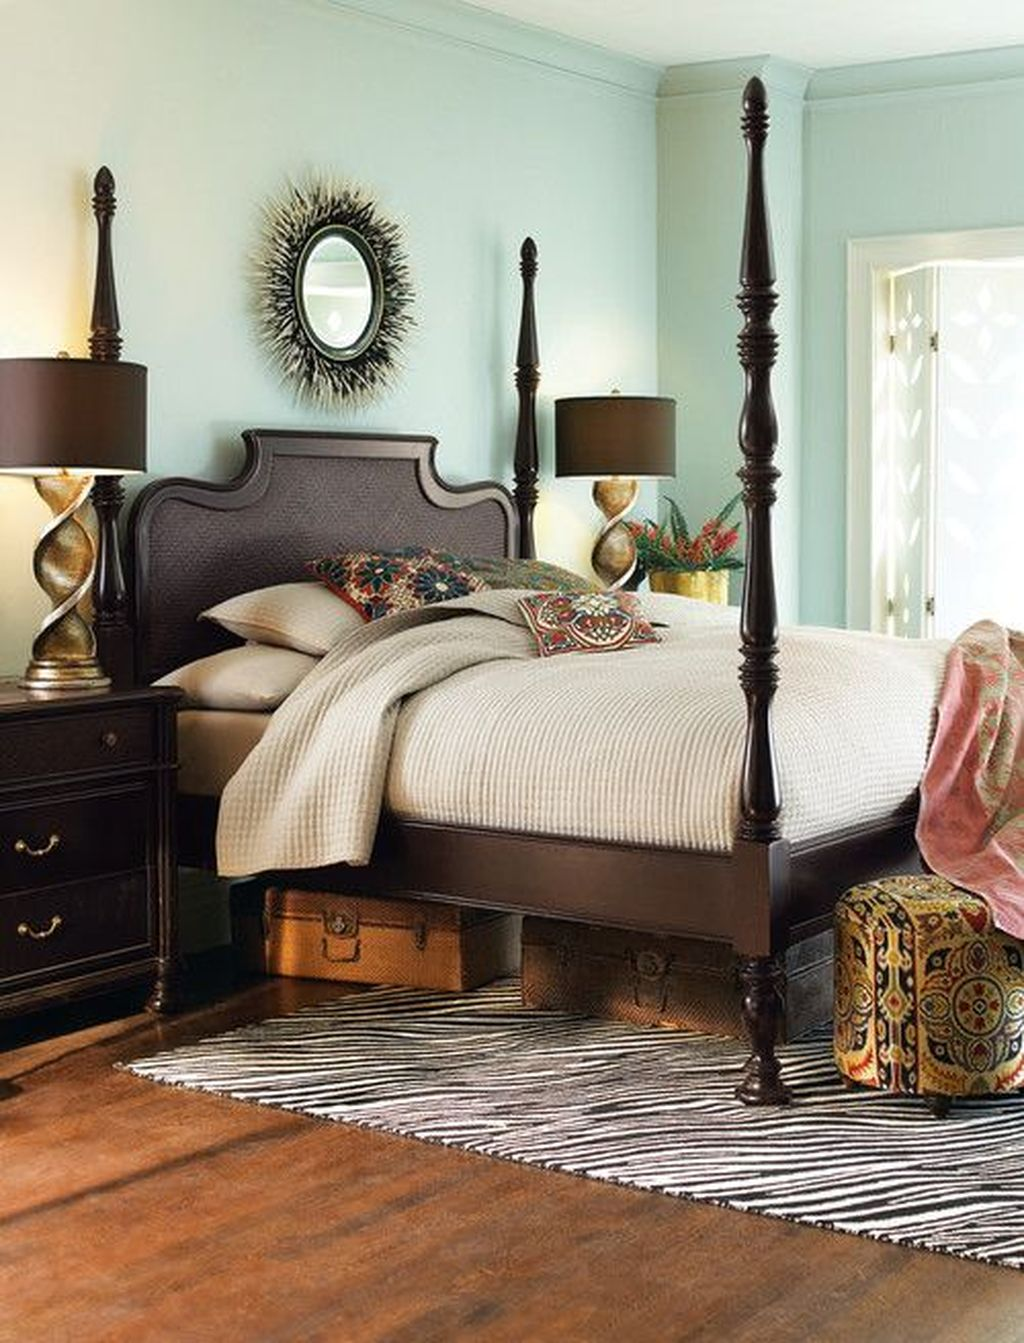 Inspiring Traditional Bedroom Decor Ideas 12